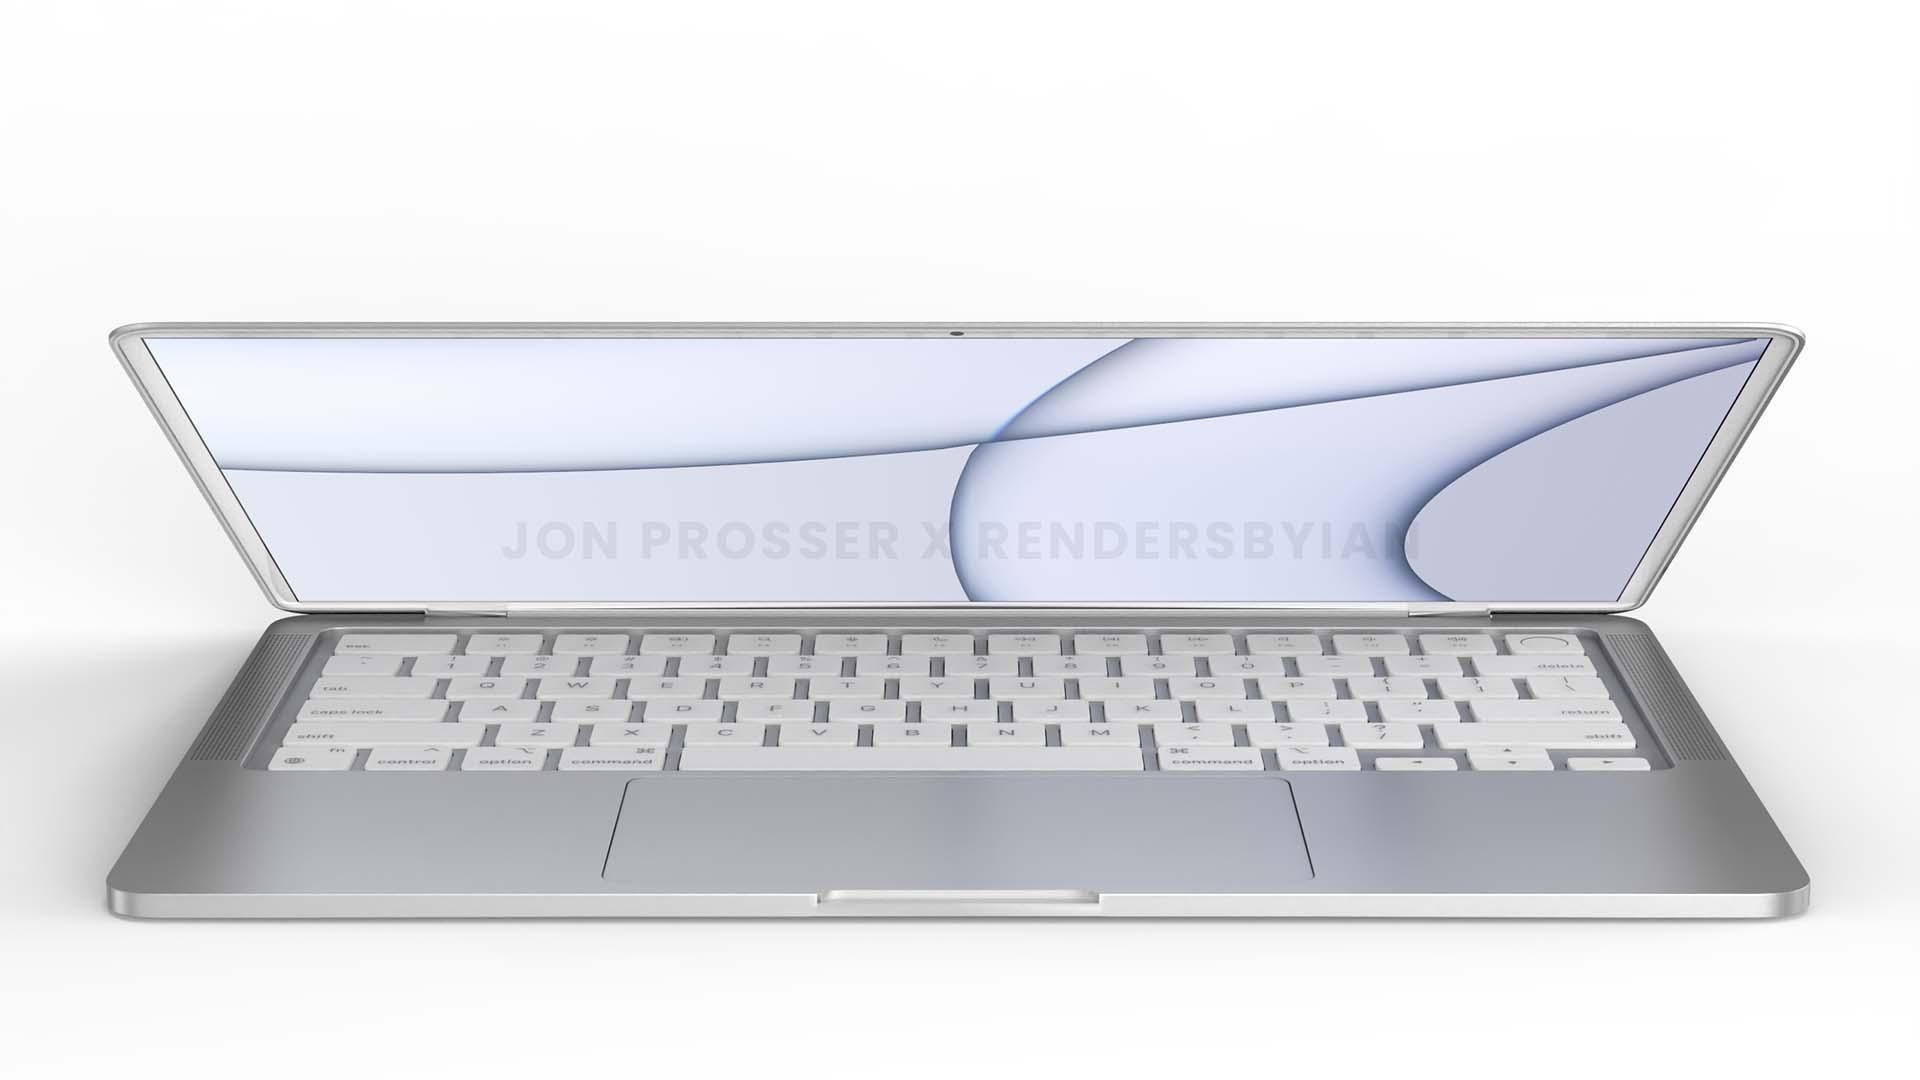 MacBook Air mới lộ diện với thiết kế màu mè giống iMac - Ảnh 5.